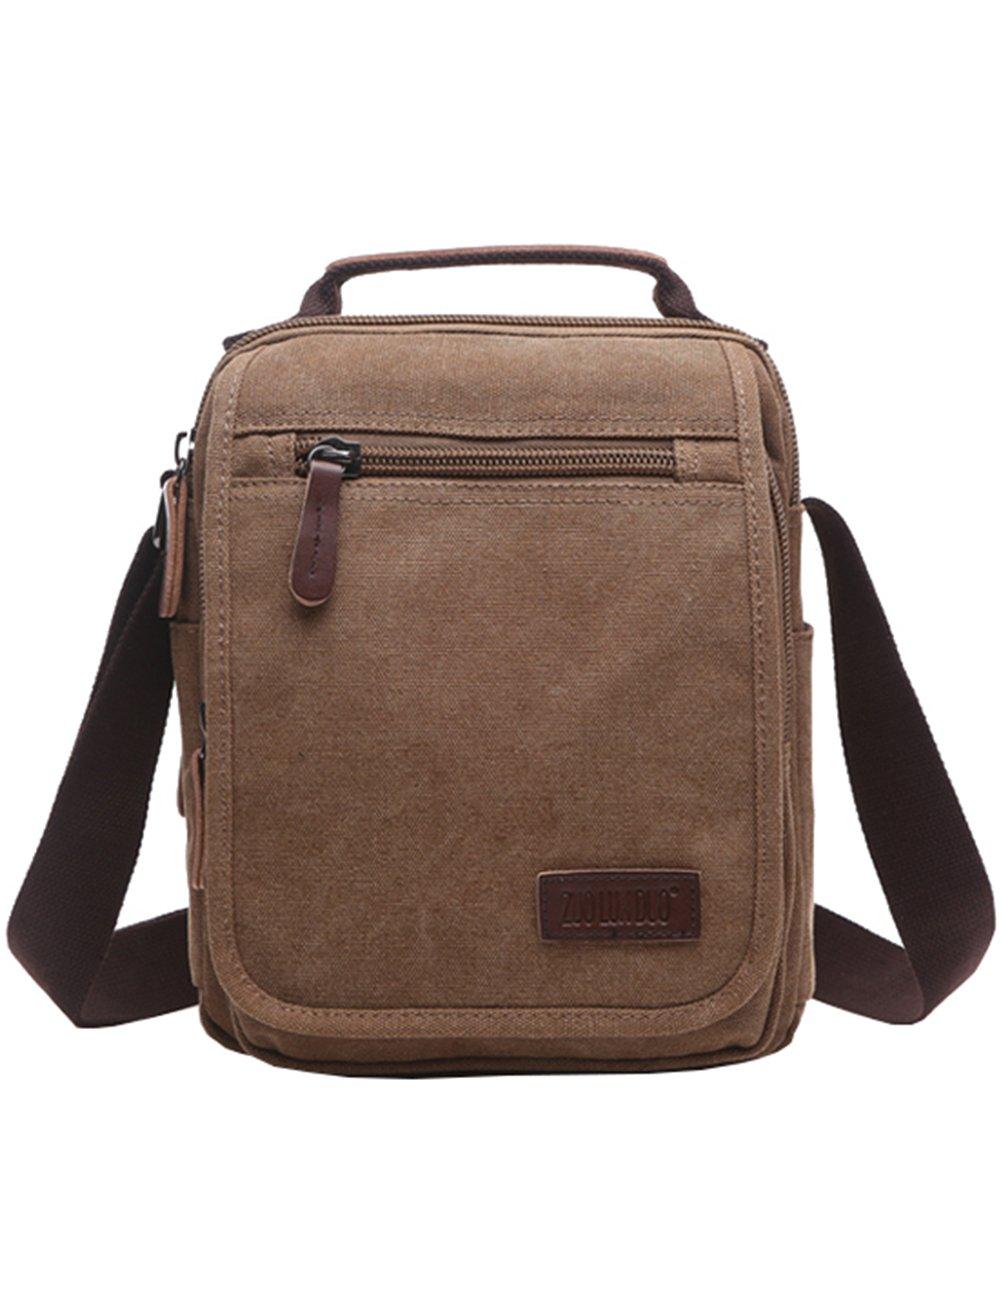 Mygreen Men's Multifunctional Canvas Shoulder Bag Handbag Multi-Pockets Business Messenger Bags Outdoor Sports Over Shoulder Crossbody Side Bag